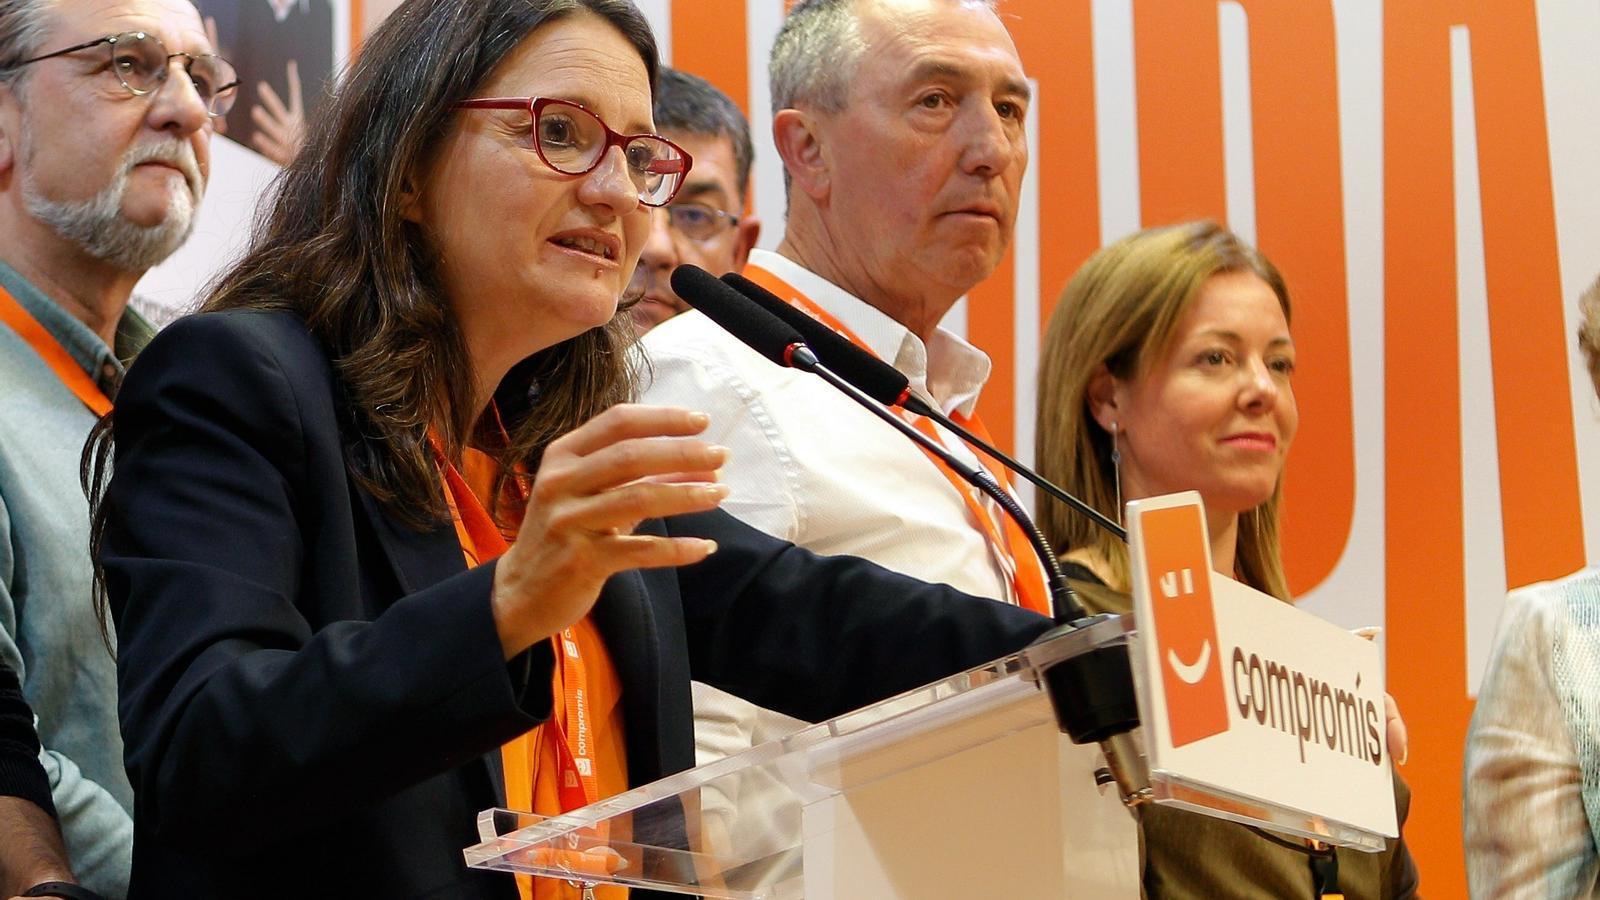 La líder de Compromís, Mónica Oltra, valorant els resultats aconseguits en les eleccions a les Corts Valencianes